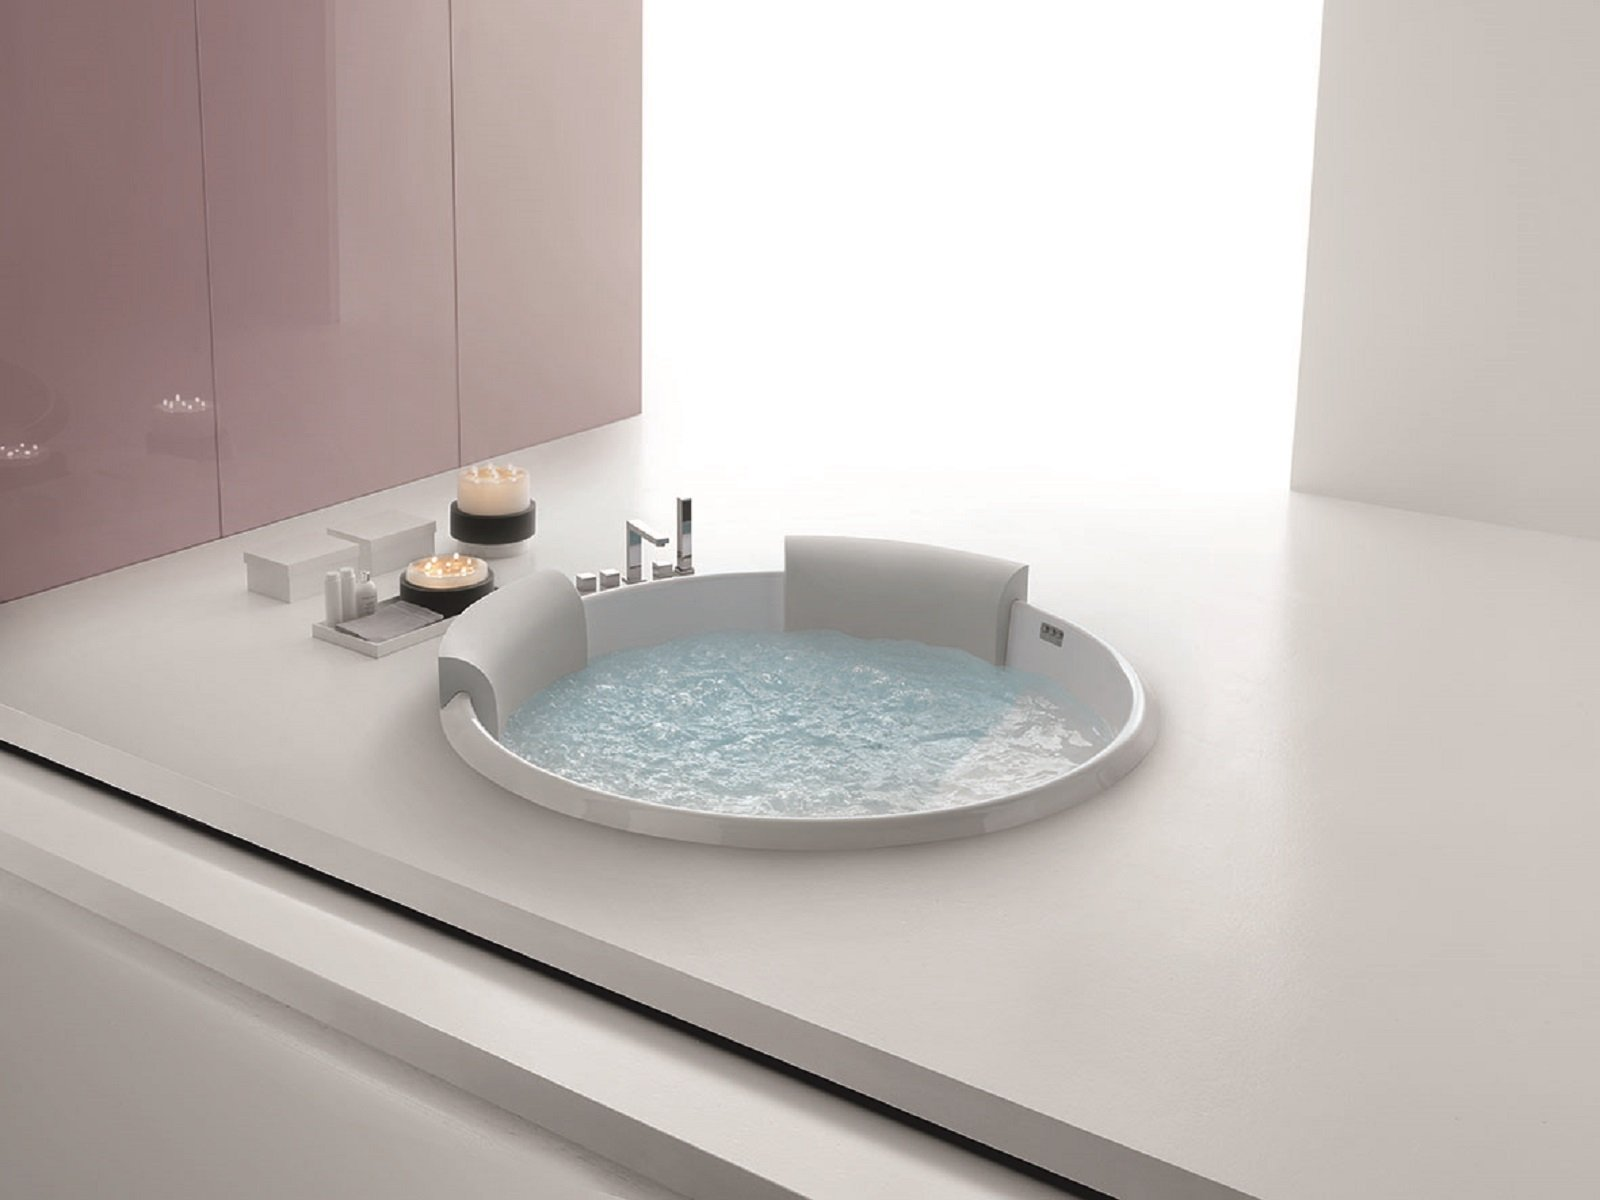 Vasca Da Bagno Murata : In svariate forme e misure le vasche da incasso si adattano alle